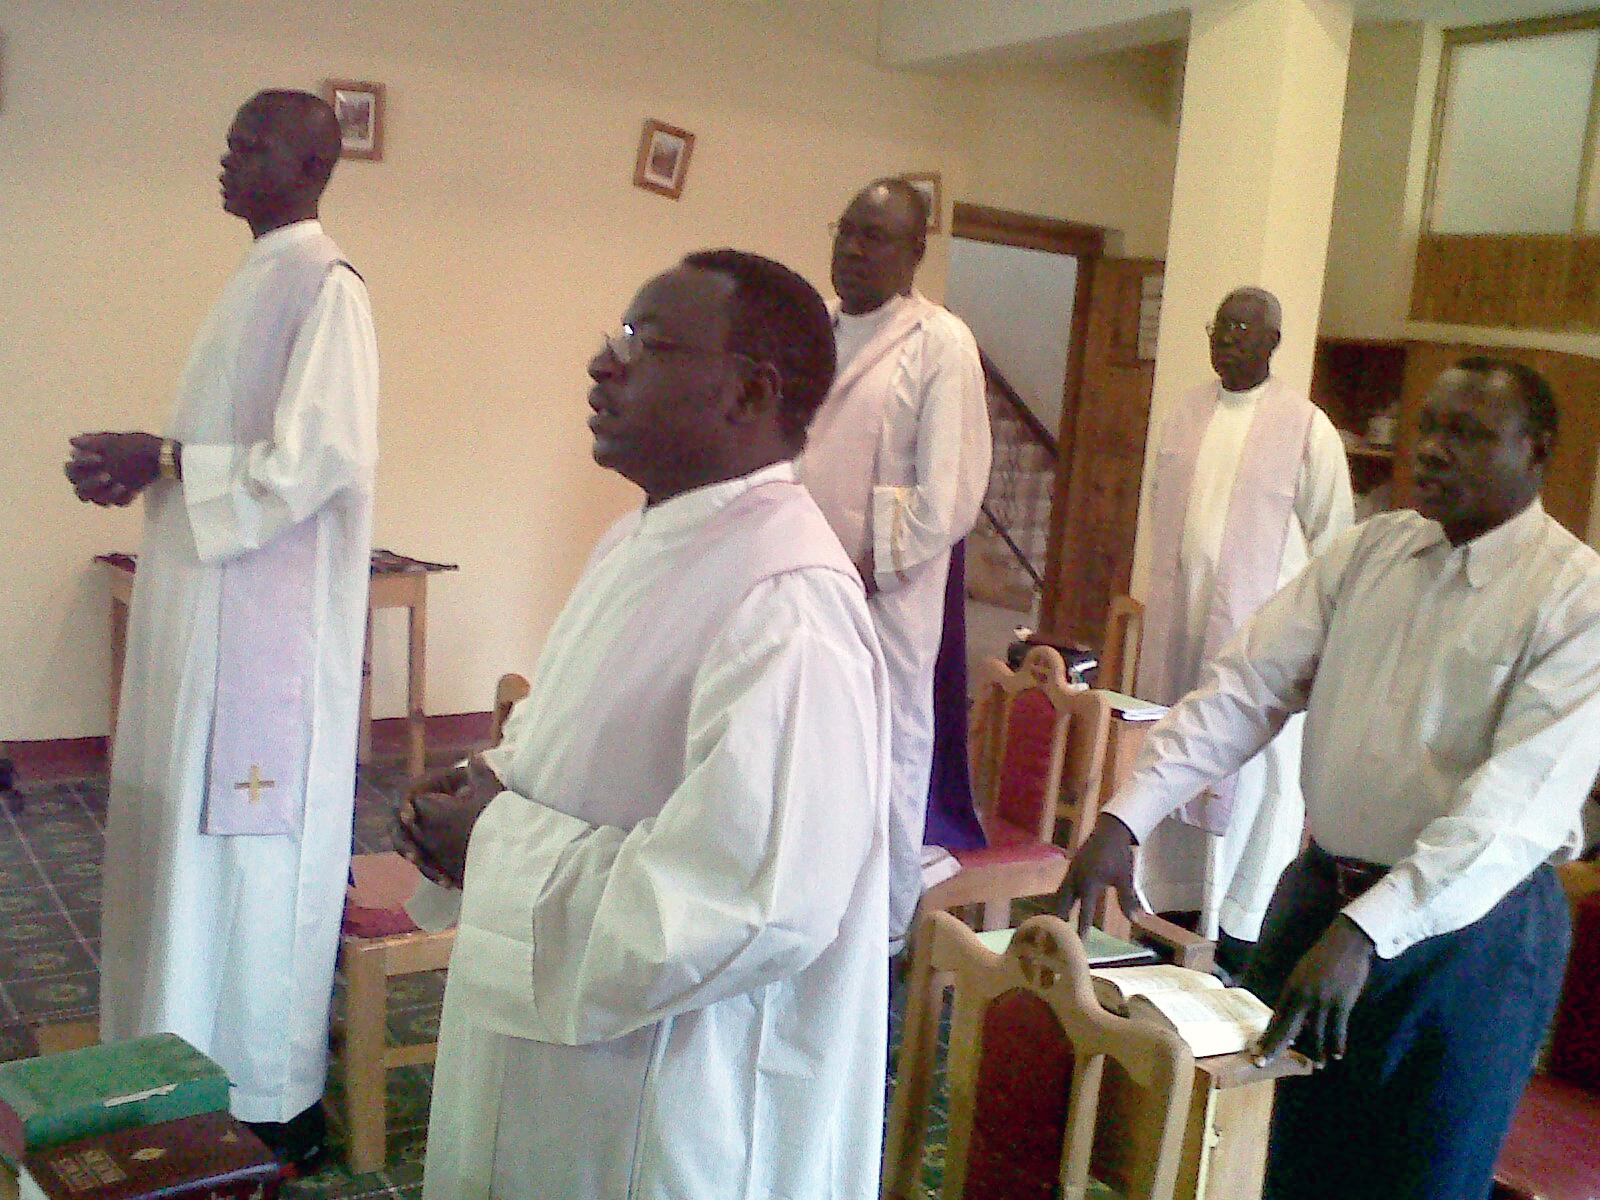 Proyecto: Un centro para la formación y el cuidado de sacerdotes en Sudán